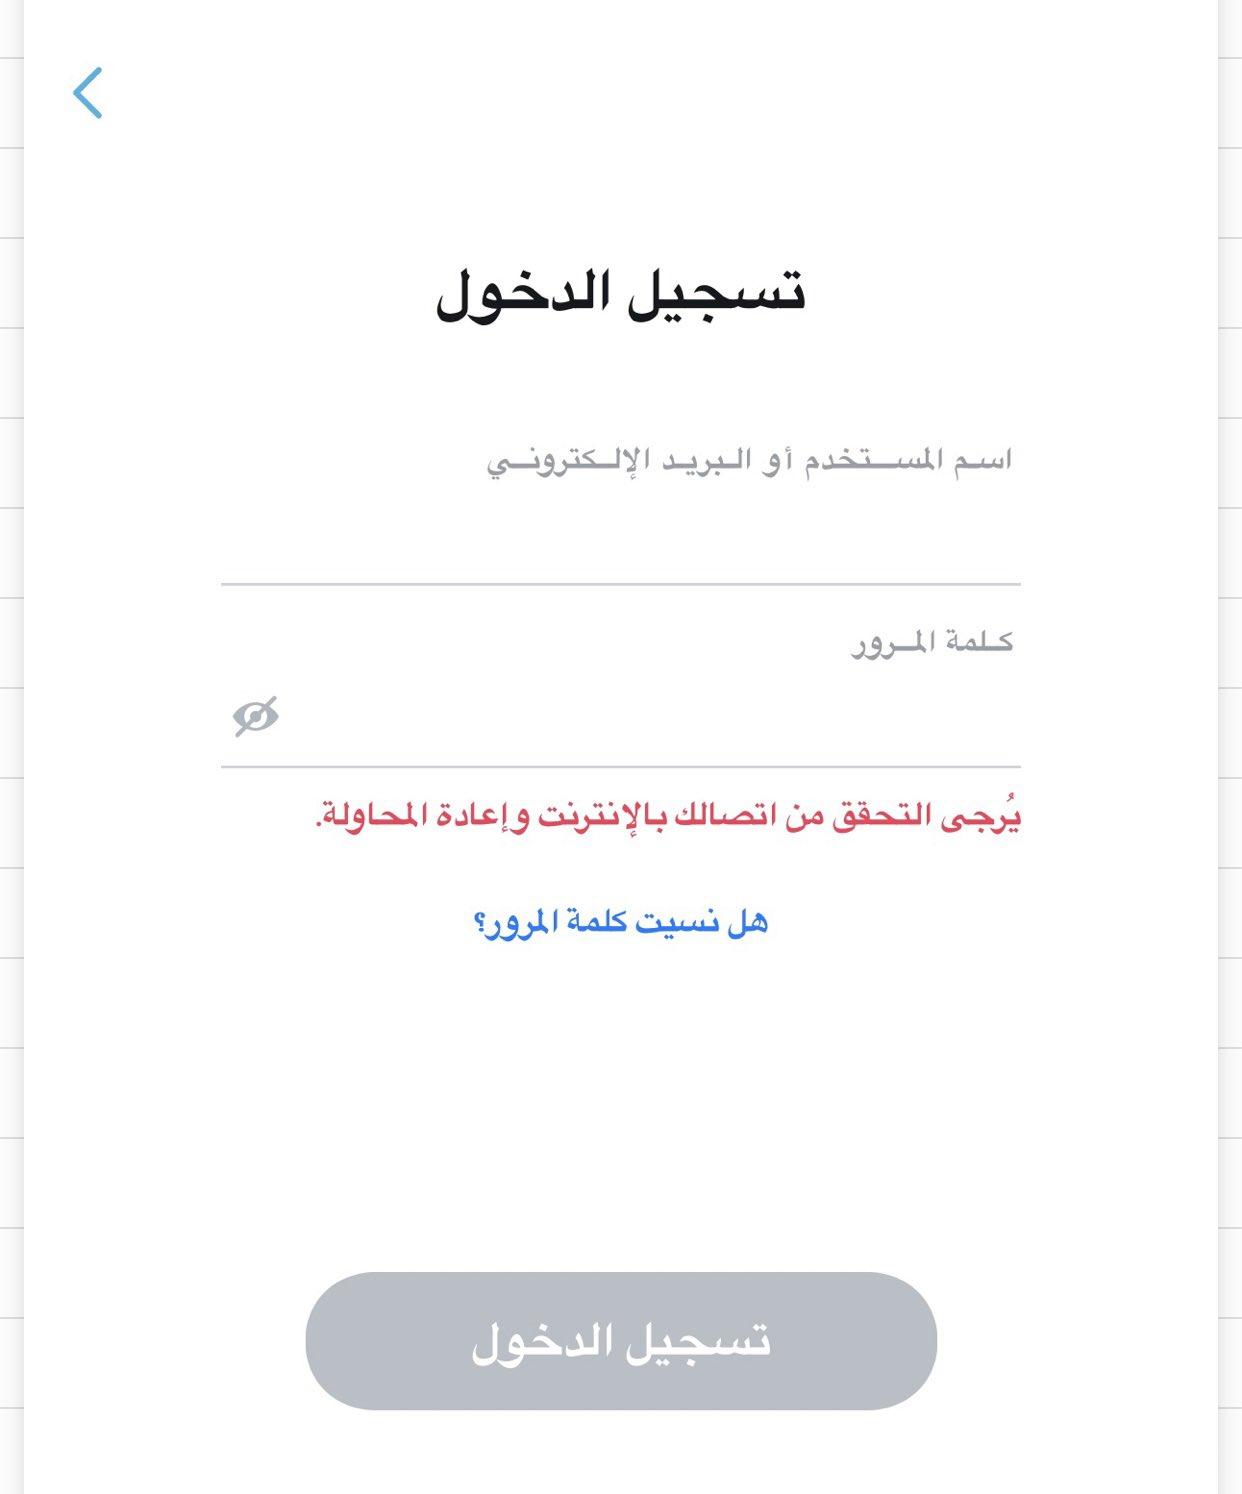 تسجيل الدخول على سناب شات وحل العطل 2021